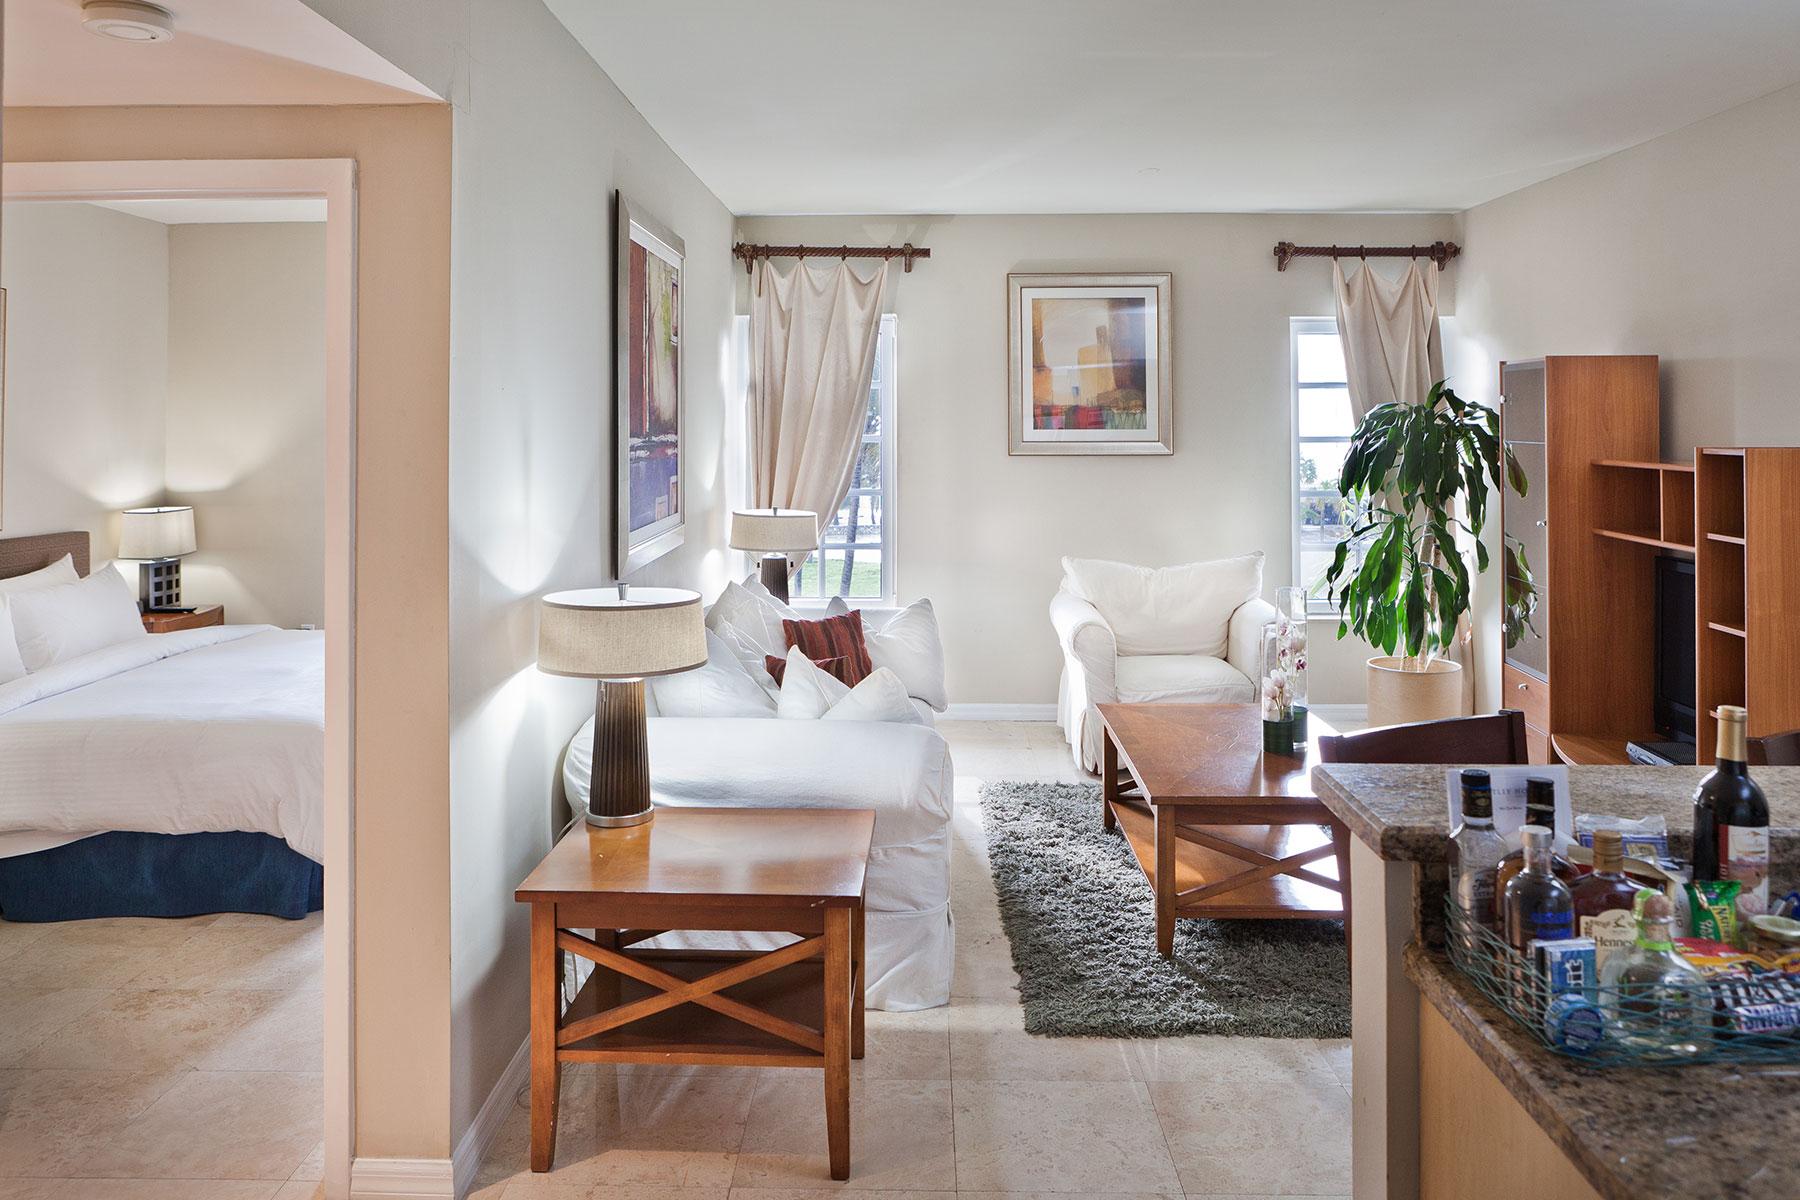 harvey-norman-værelses-suiter-king-vs-værelses-suiter for salg-hele-værelses-suite